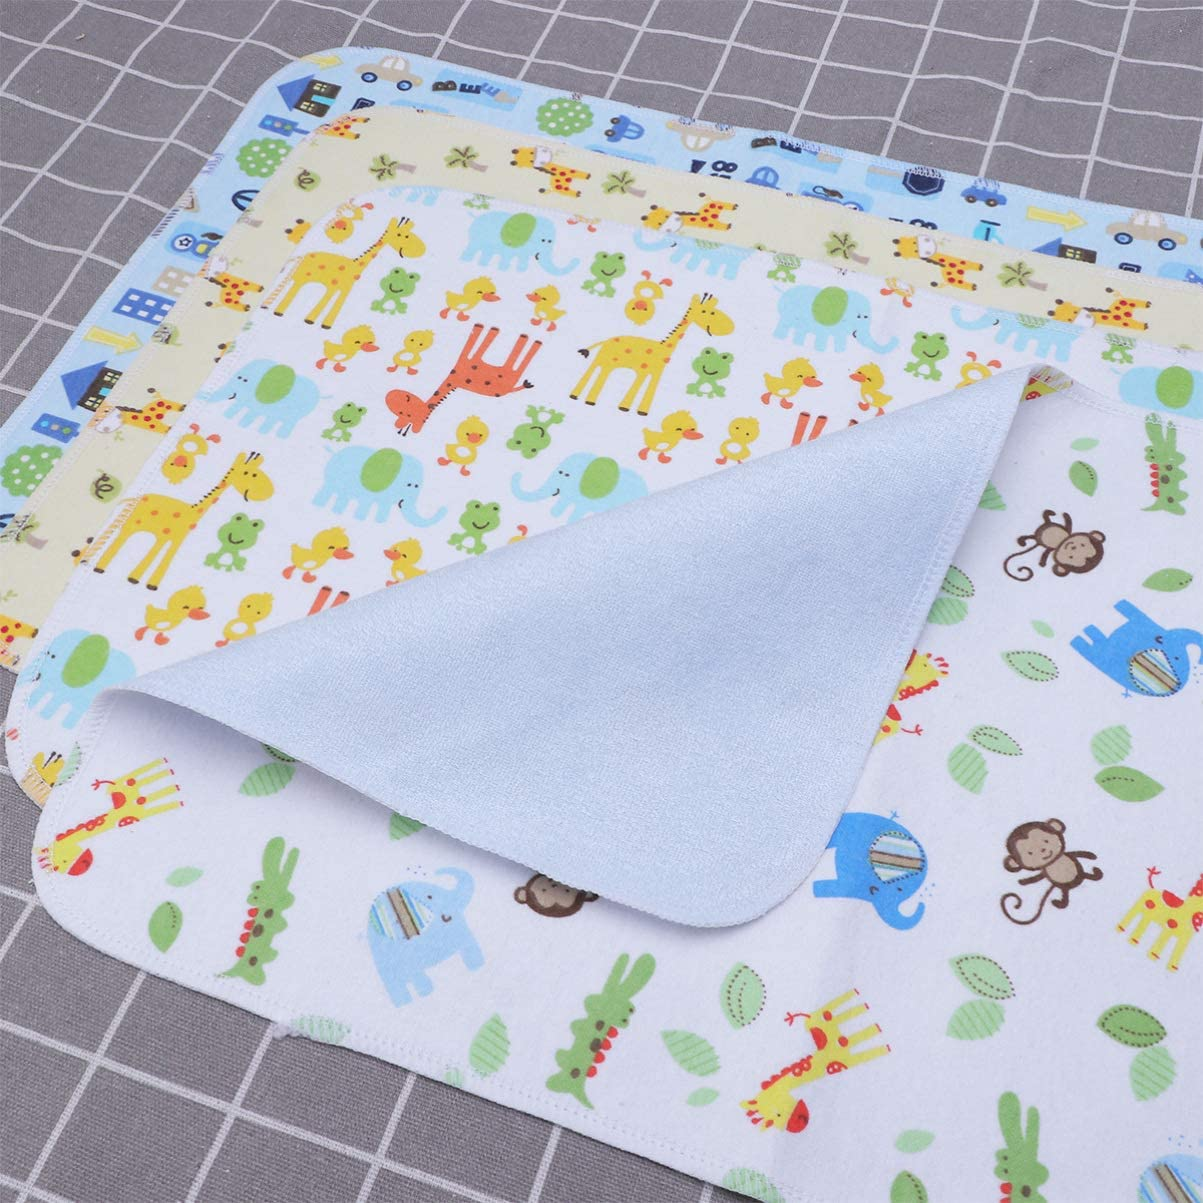 SUPVOX Borsa per pannolini per bambini 4 pezzi fasciatoio portatile lavabile modello animale lavabile impermeabile antiscivolo